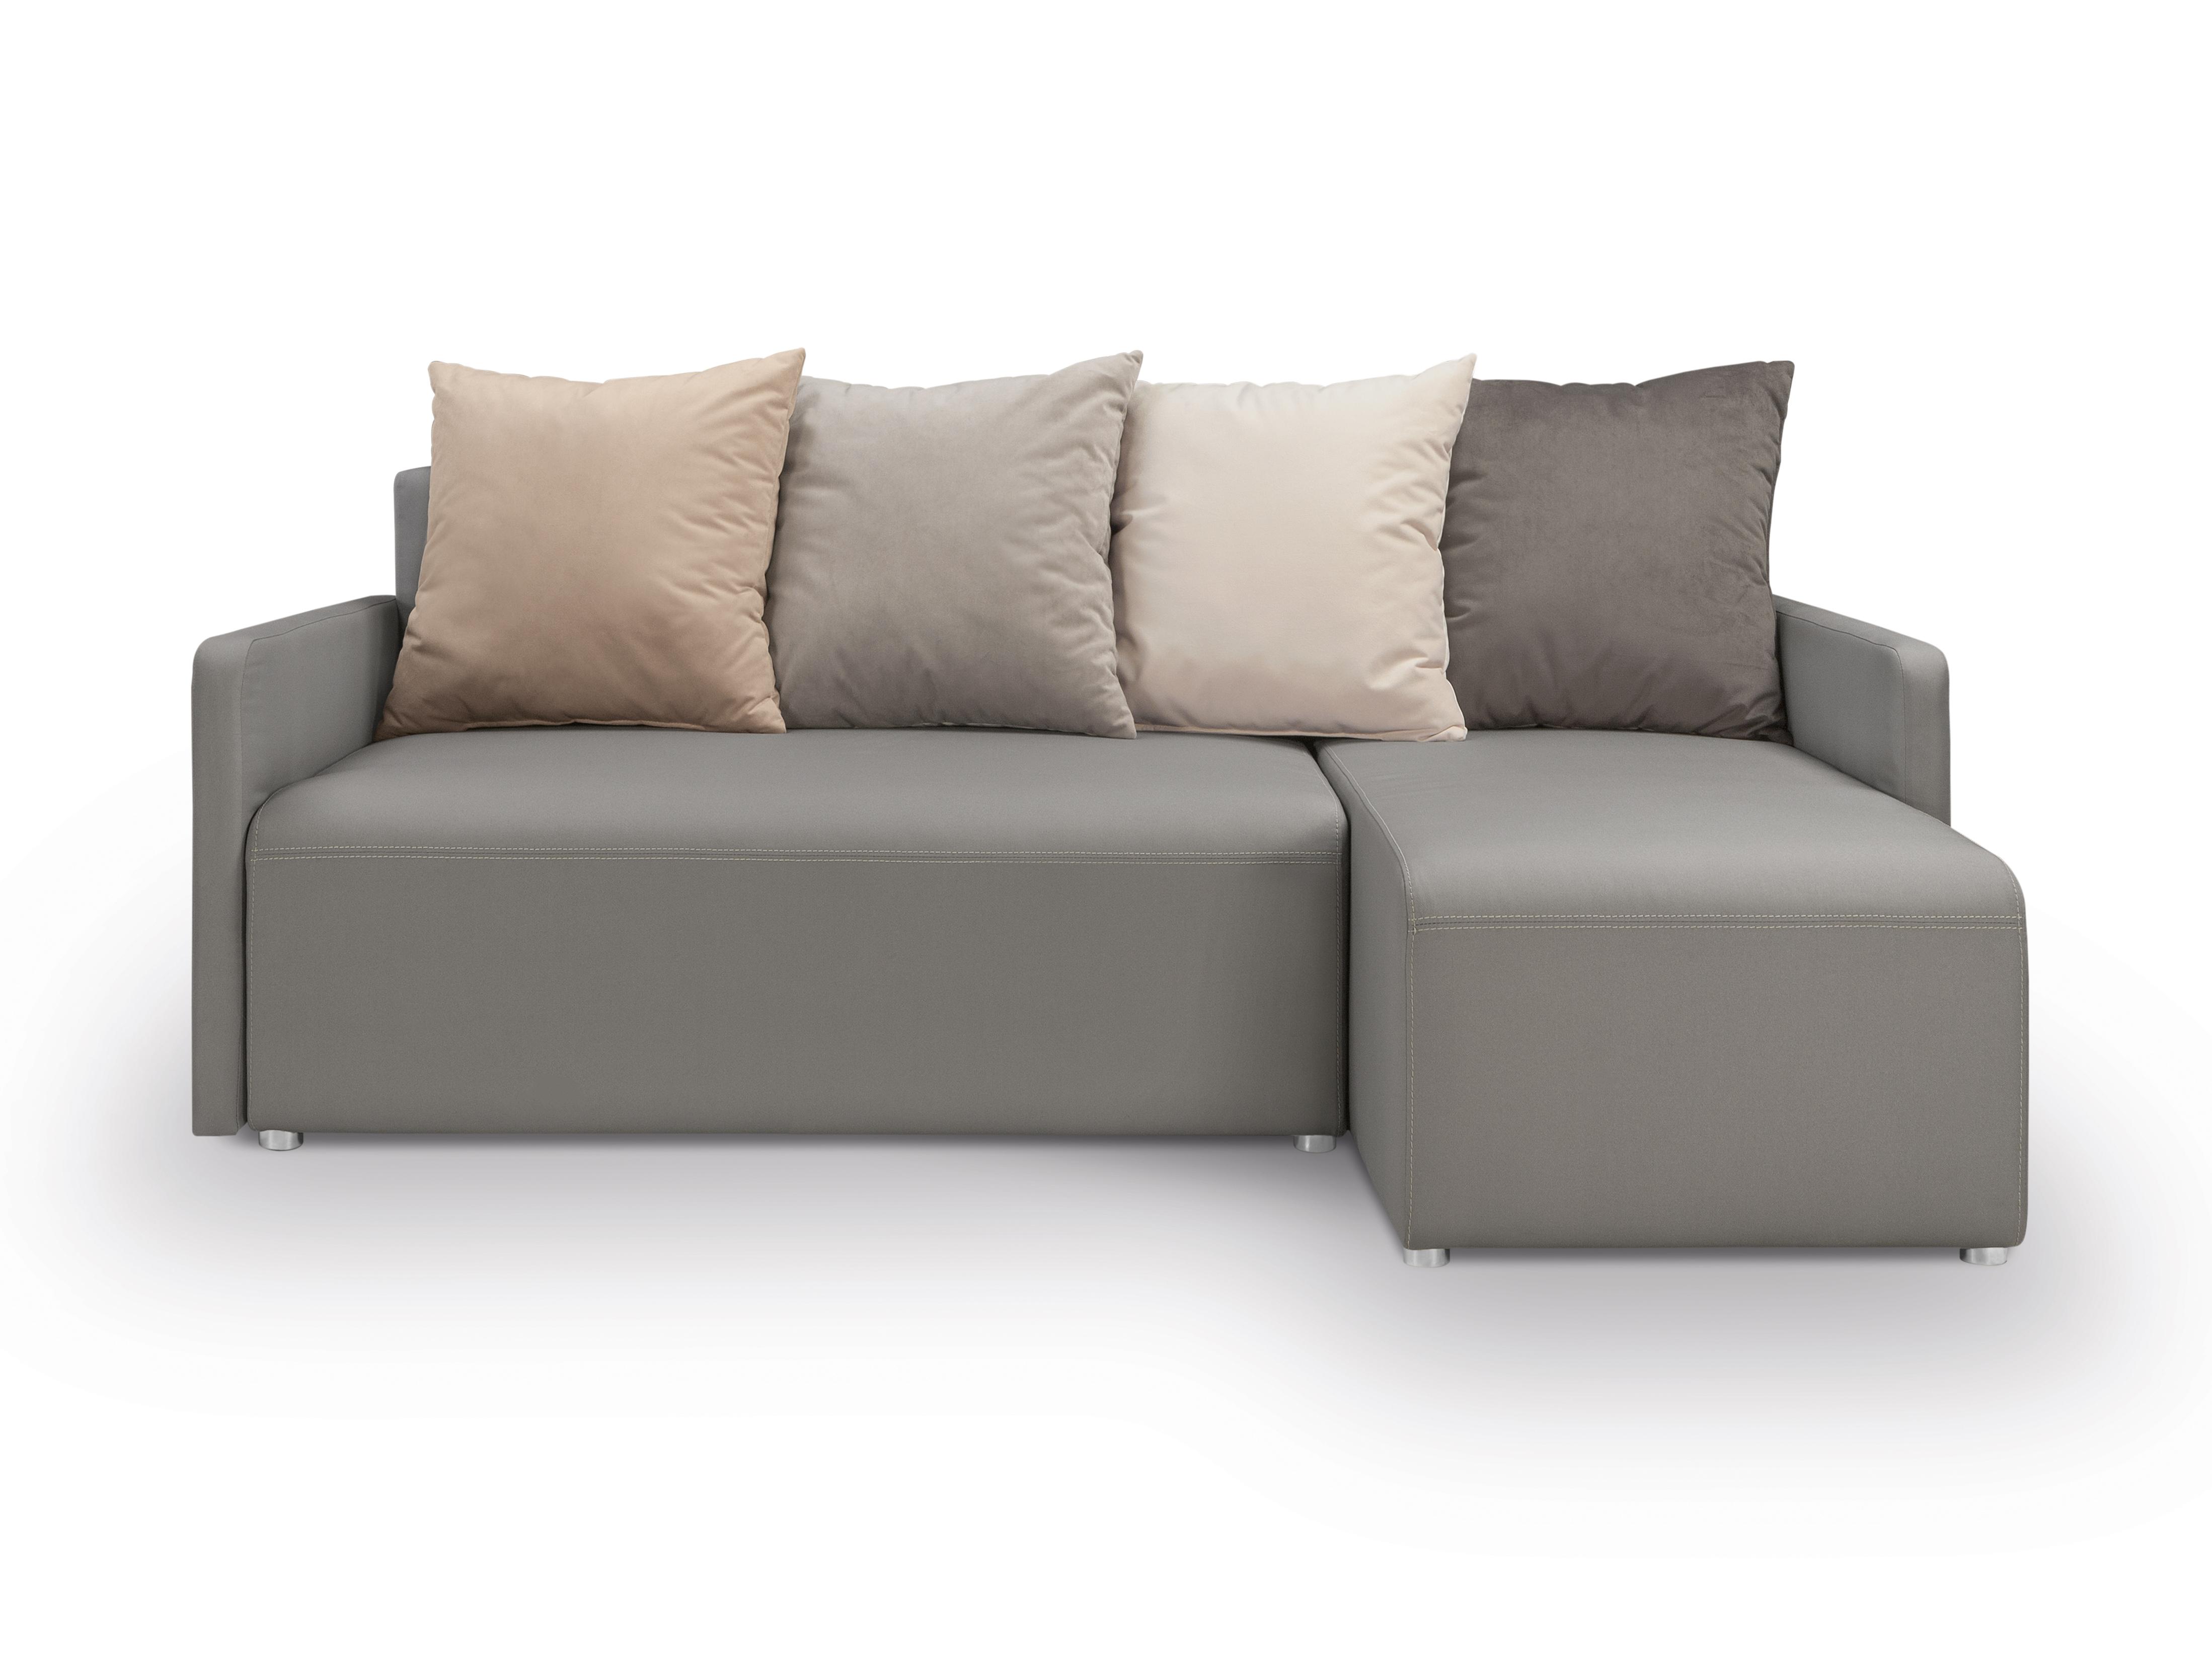 Rohová sedací souprava - BRW - Dany Lux 3DL URC (šedá) (P)